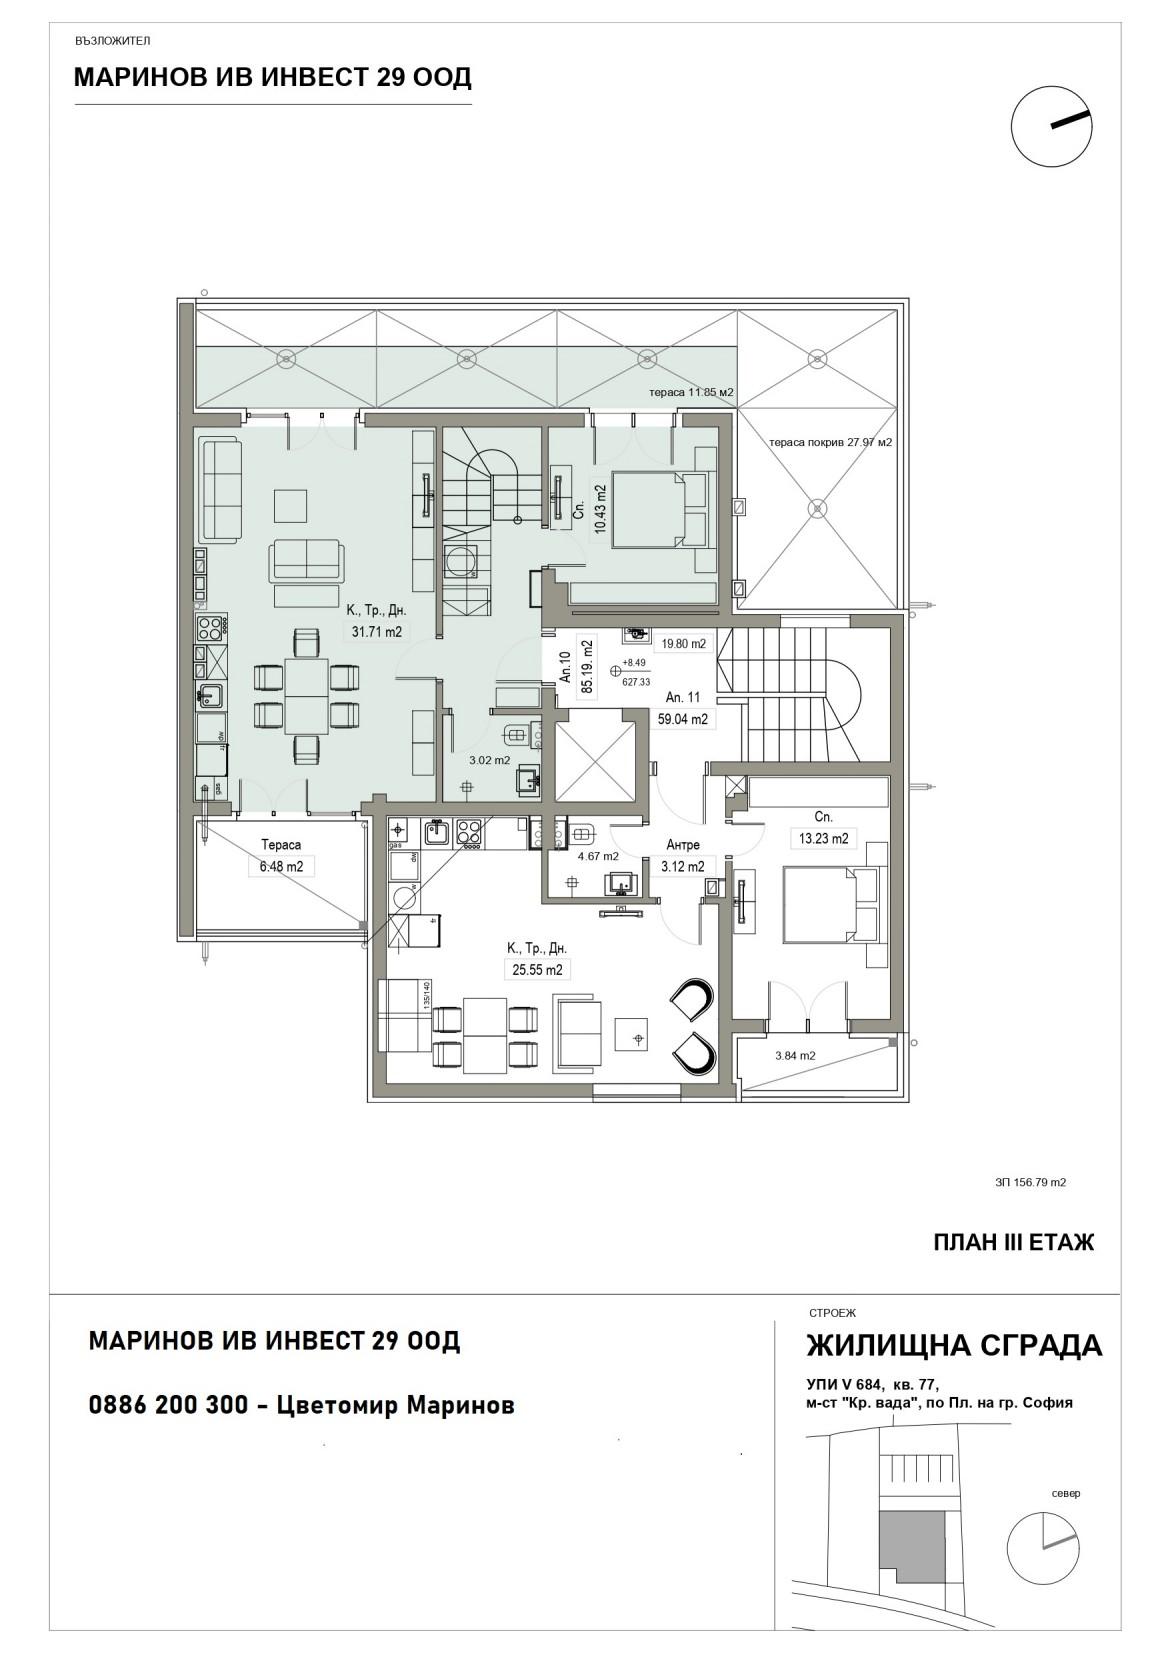 3-жилищен-етаж.jpg